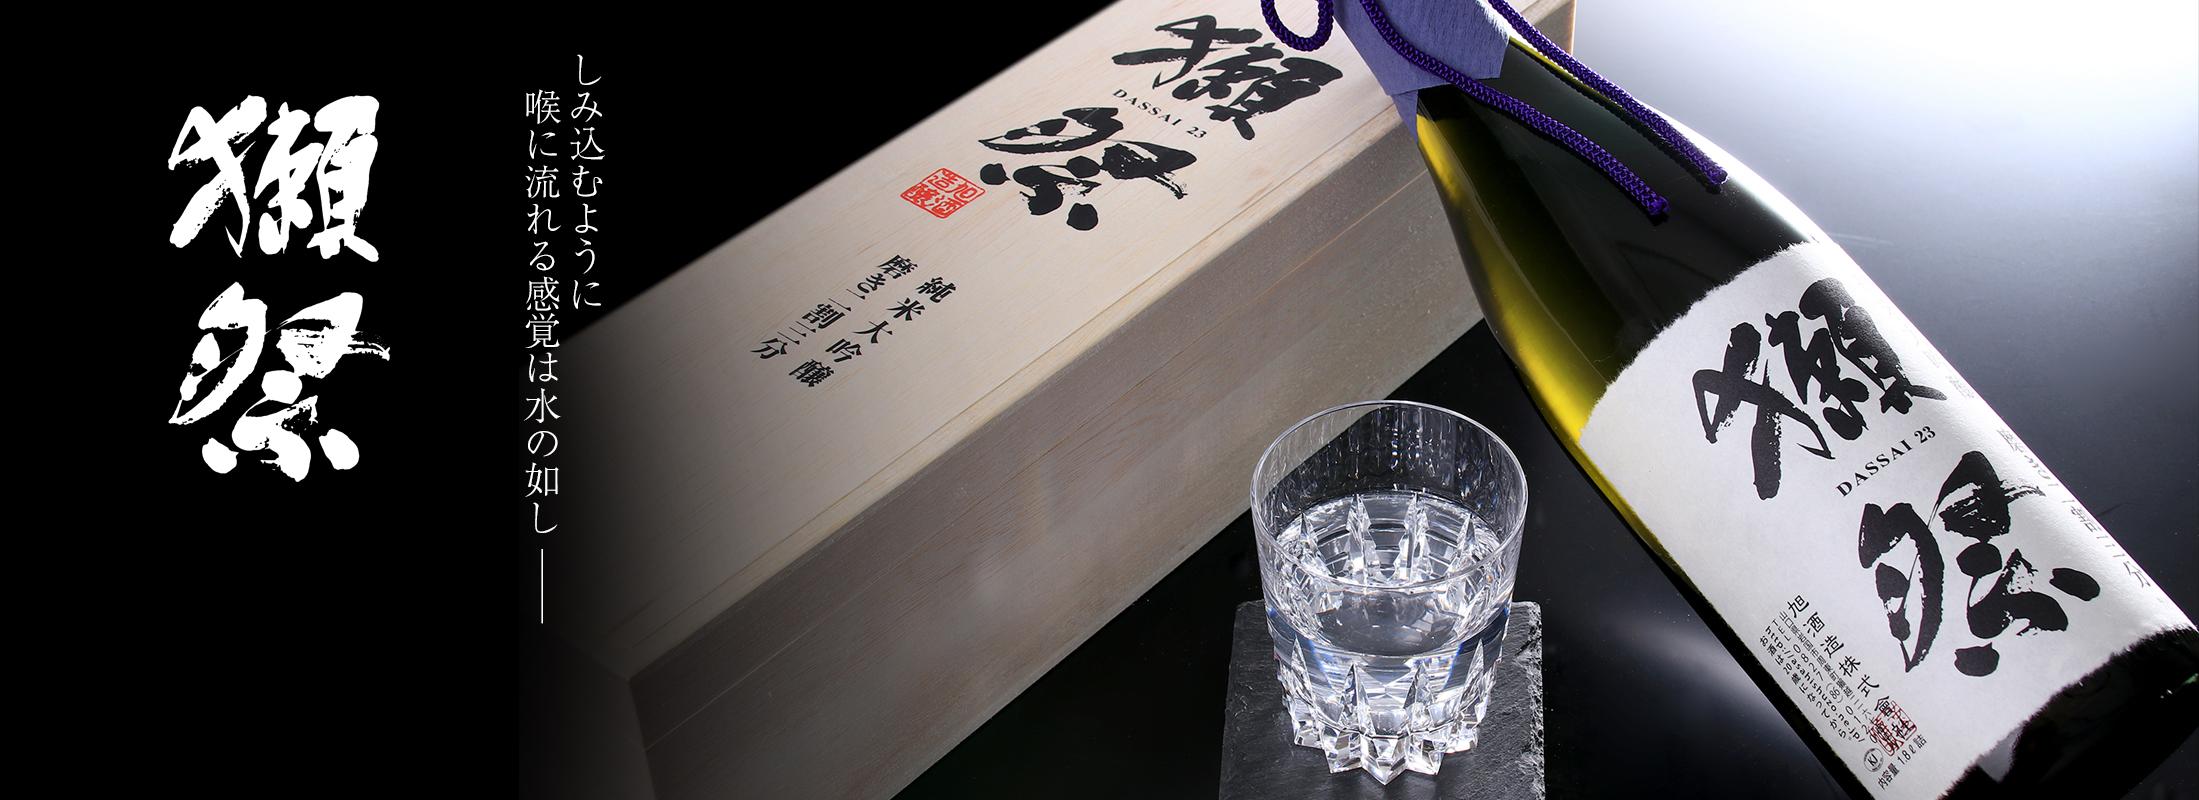 獺祭 純米大吟醸 磨き二割三分 木箱入り